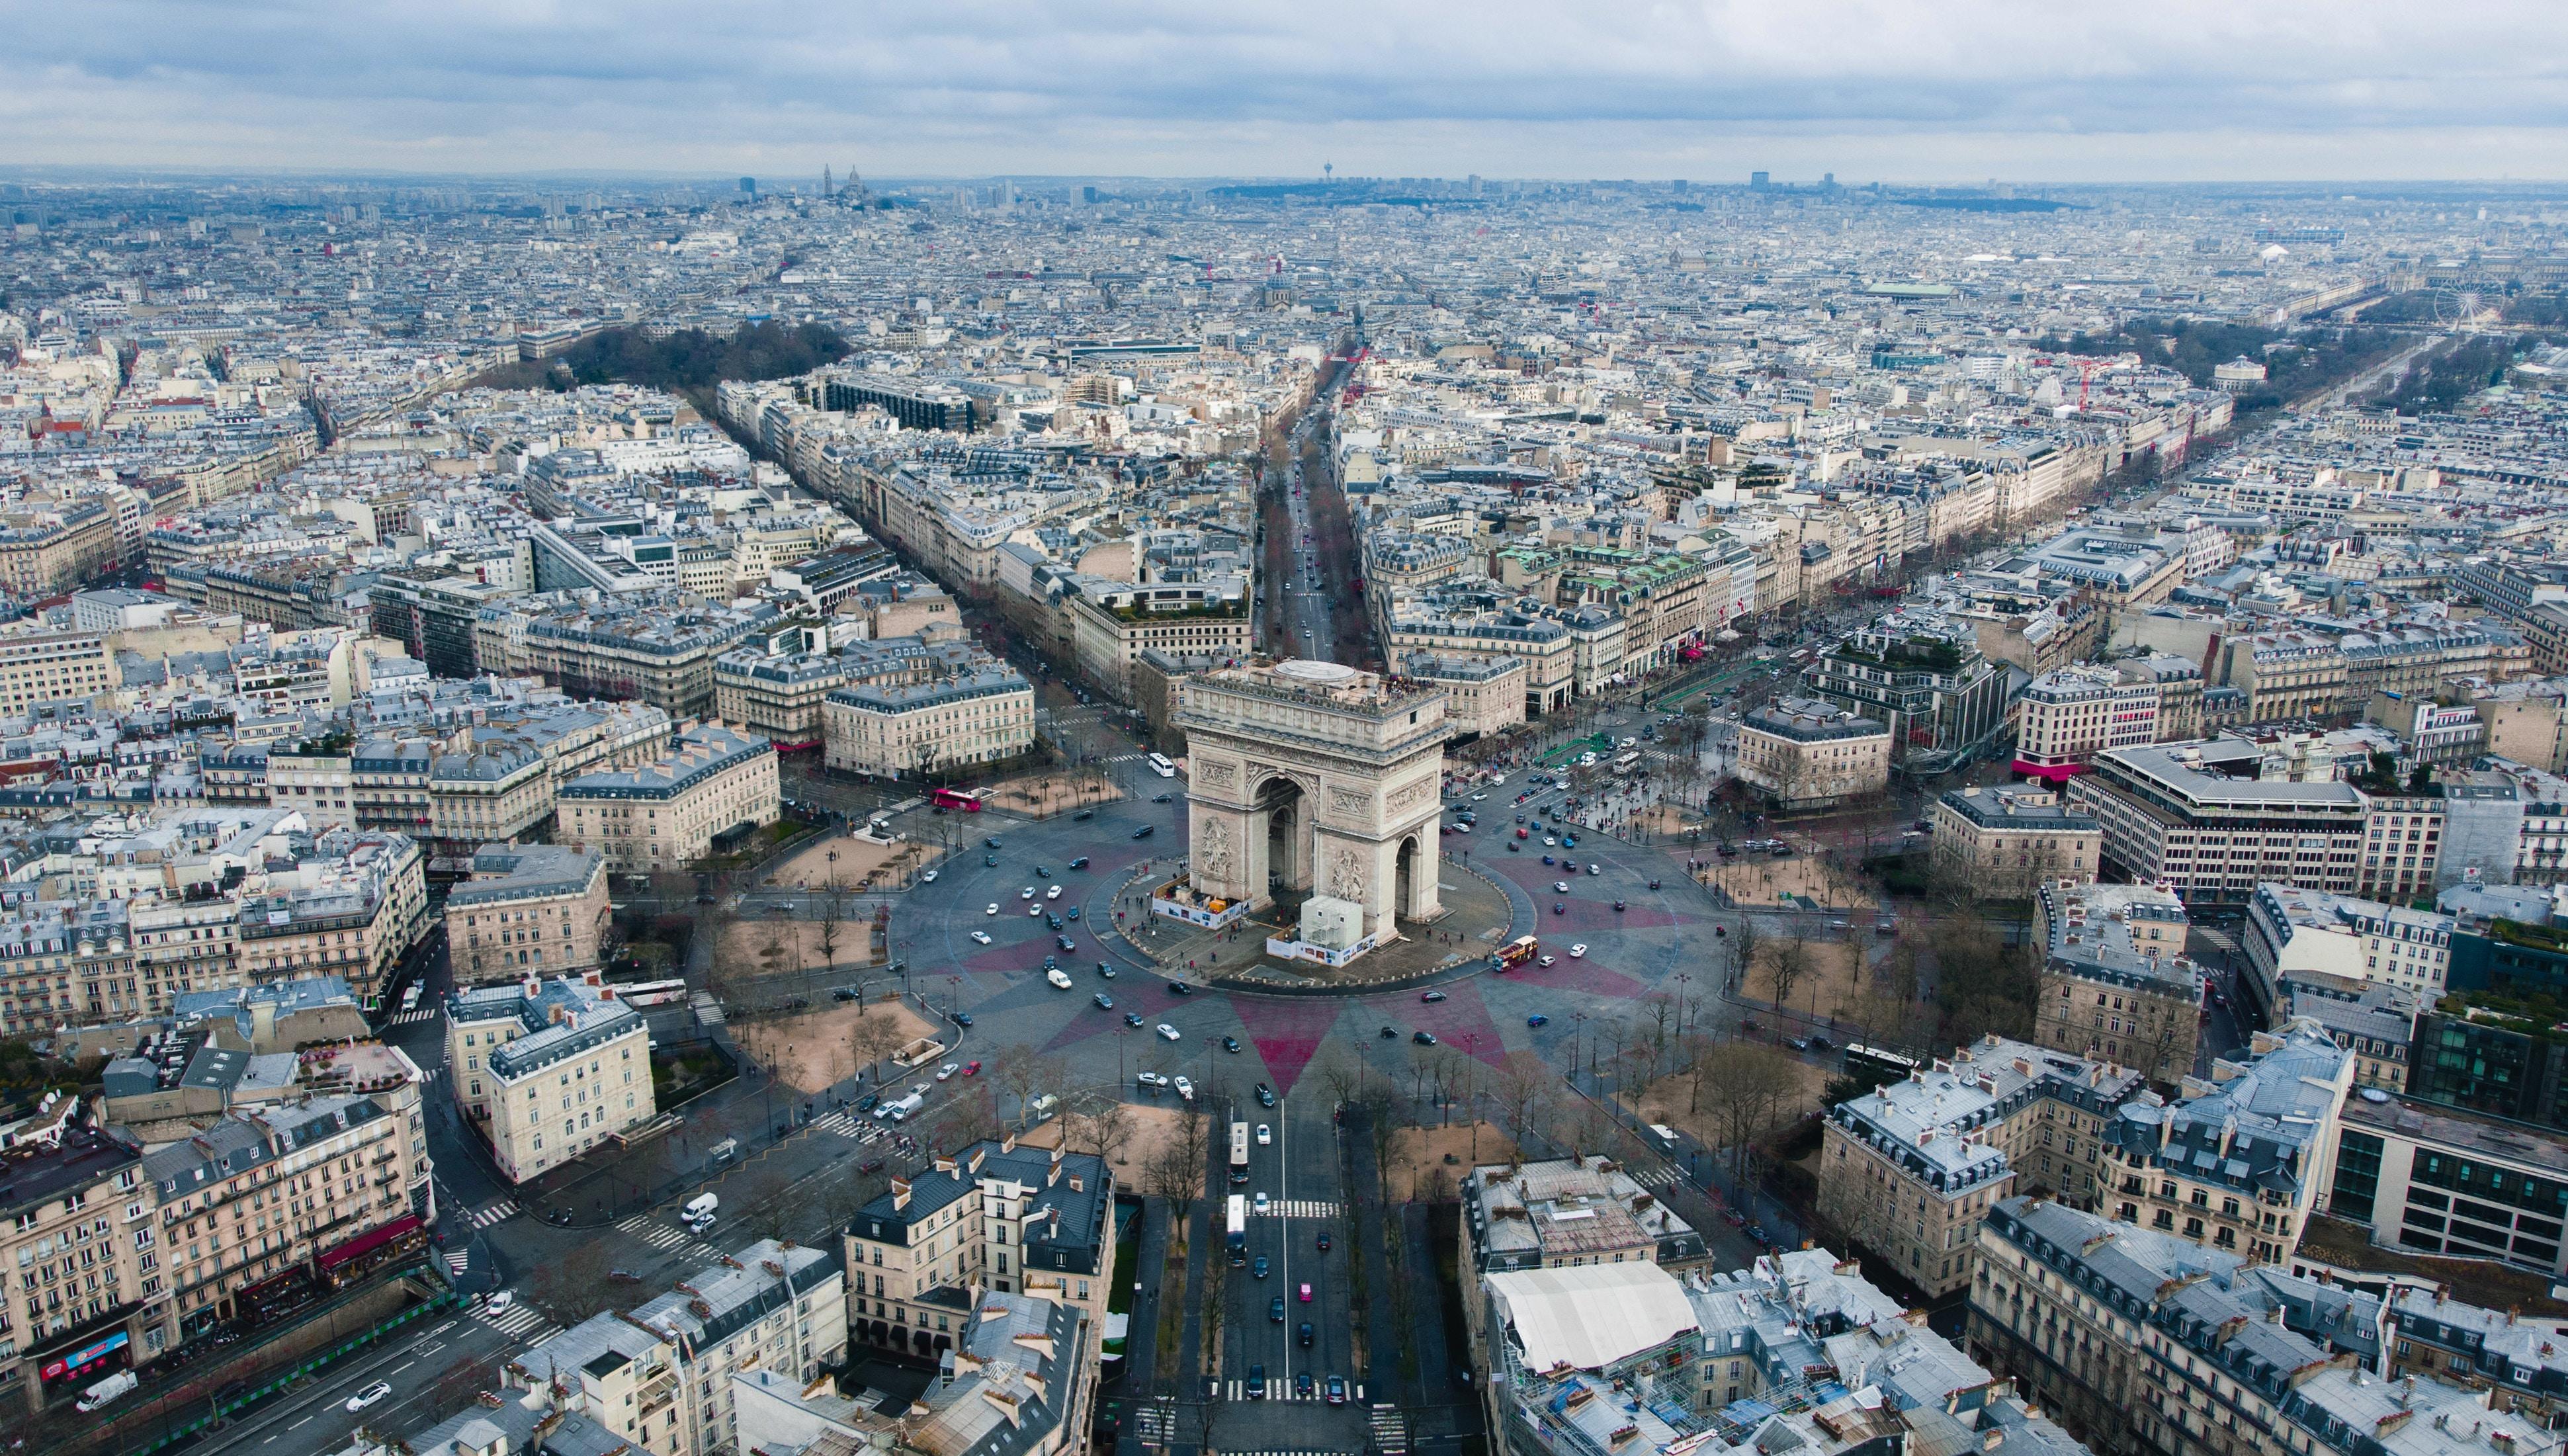 logement auberge de jeunesse PARIS - BVJ Champs-Elysees